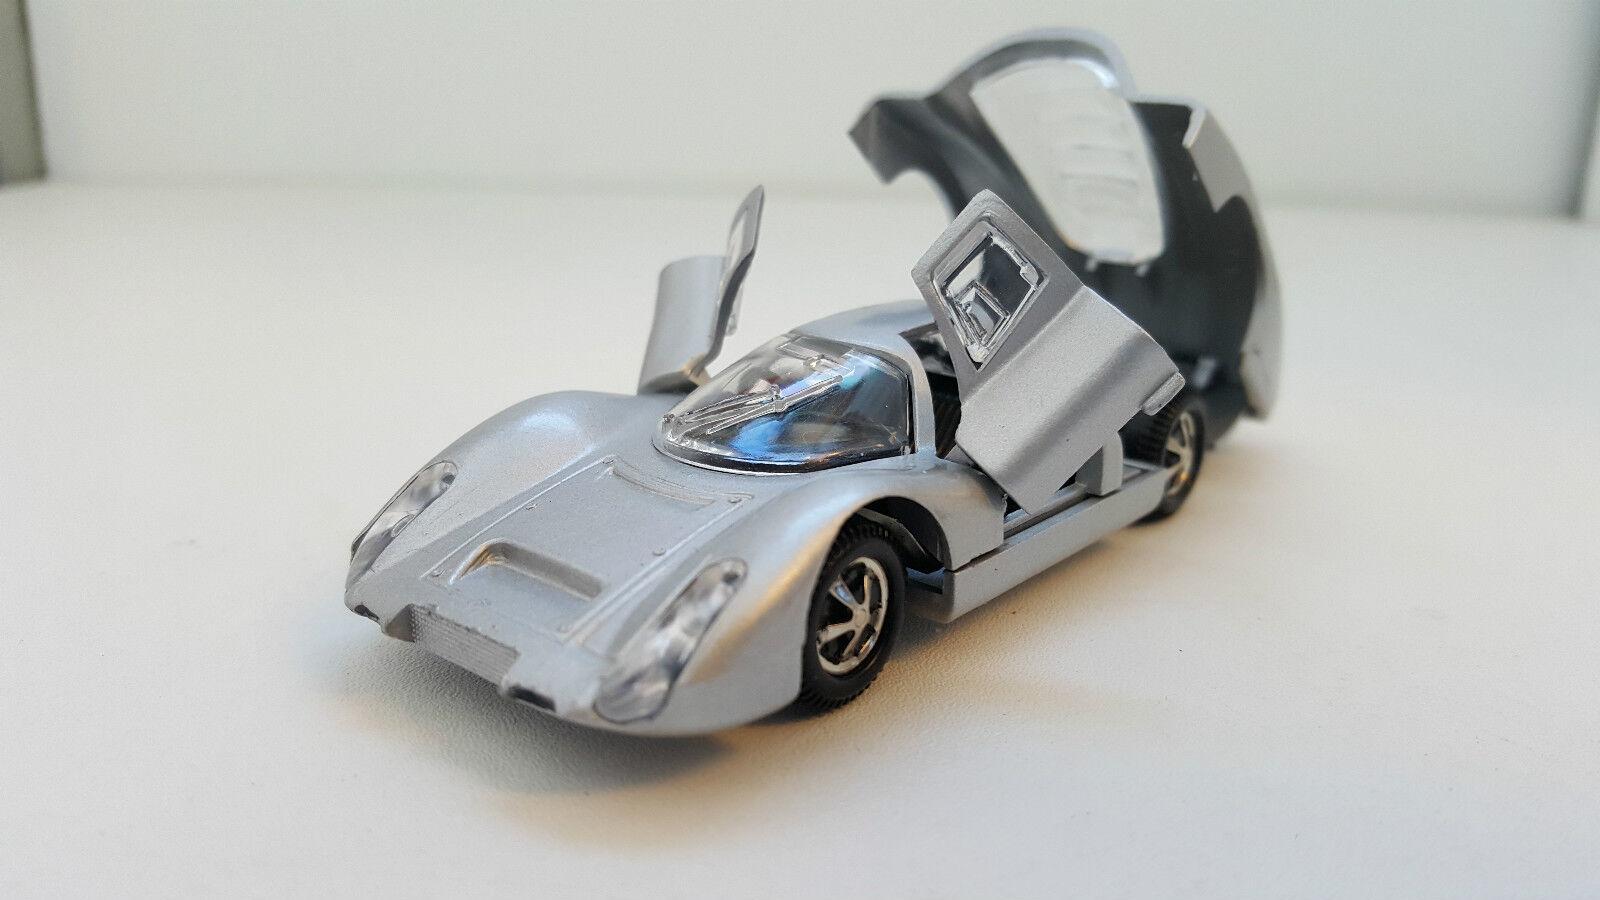 Märklin - Porsche 907 (1 43) Mint